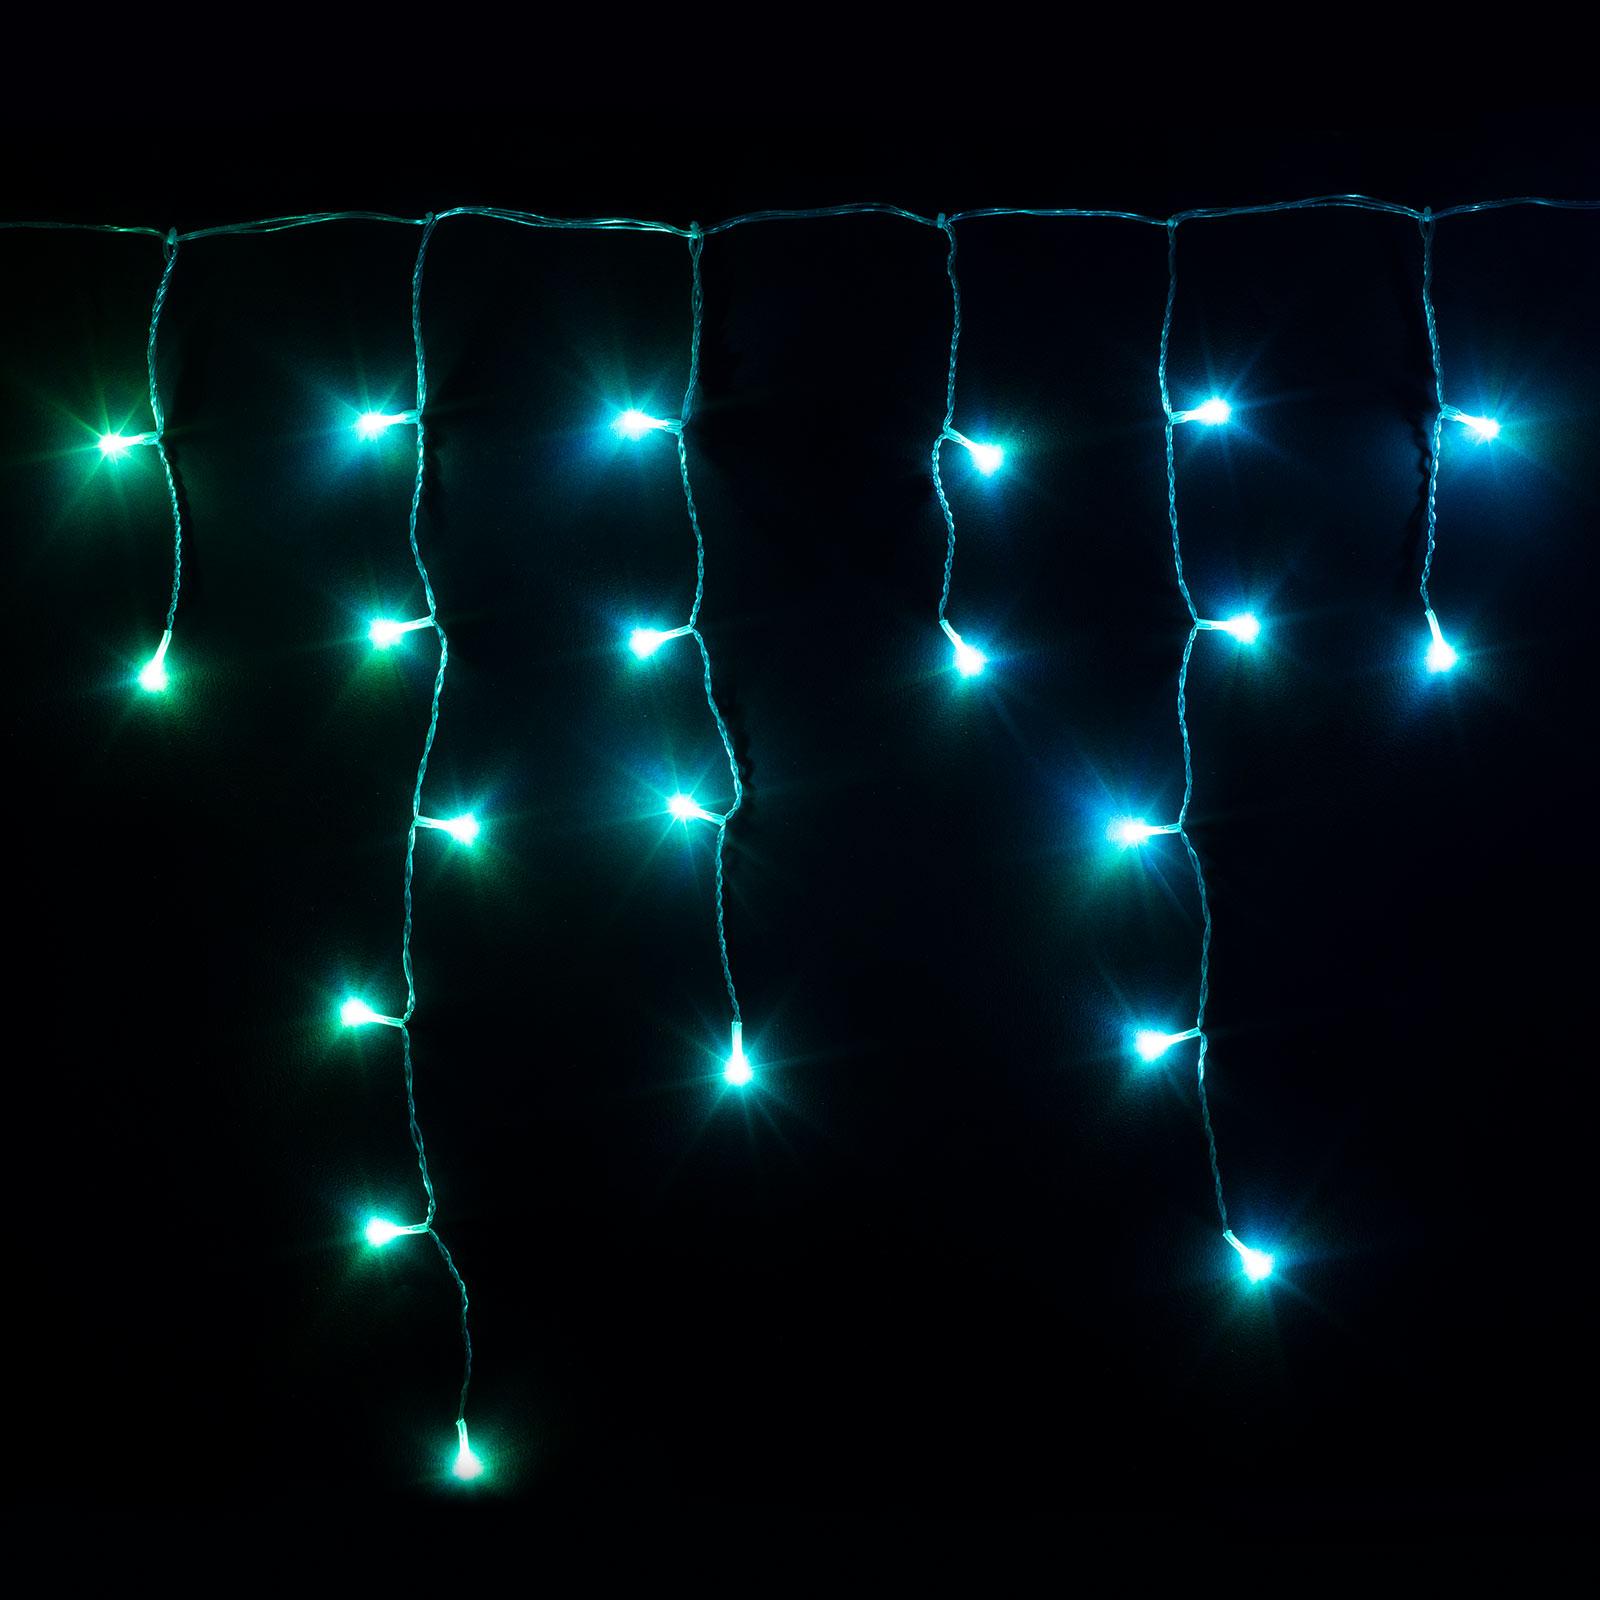 Inteligentna kurtyna świetlna LED Twinkly, RGBW